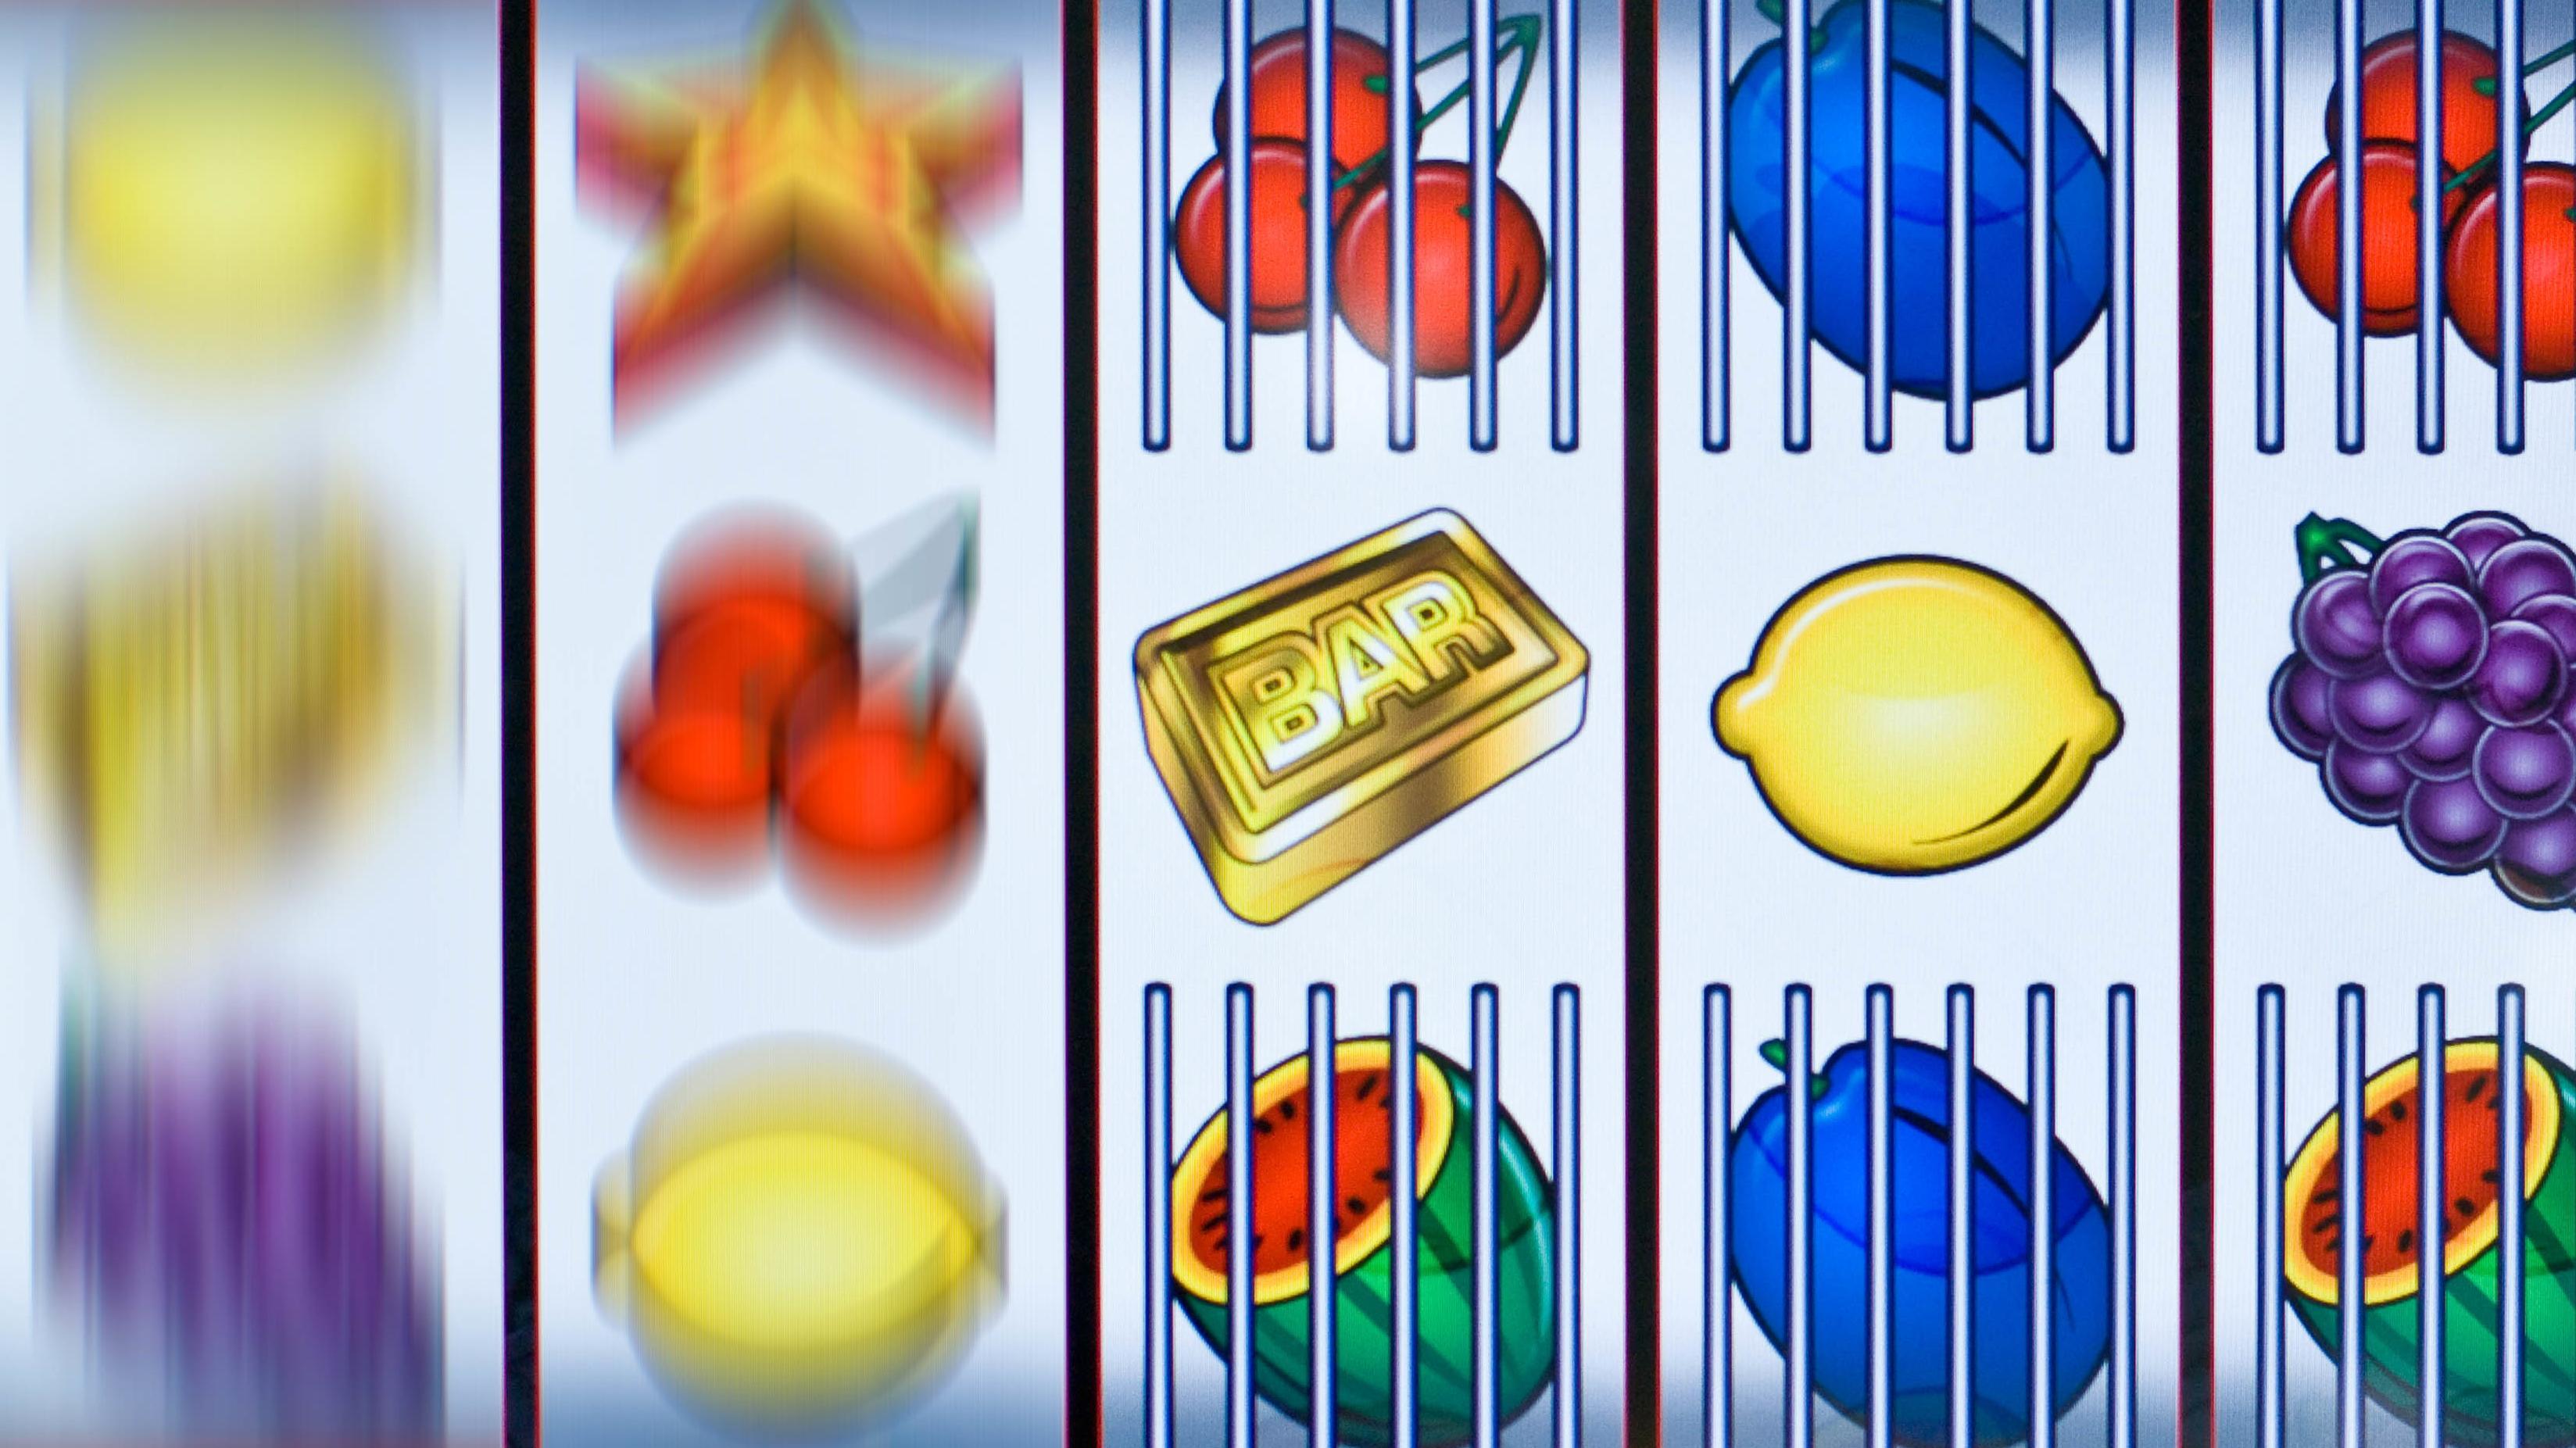 Ein Glücksspiel-Klassiker: Der einarmige Bandit - online ist er mittlerweile in Deutschland eigentlich illegal.